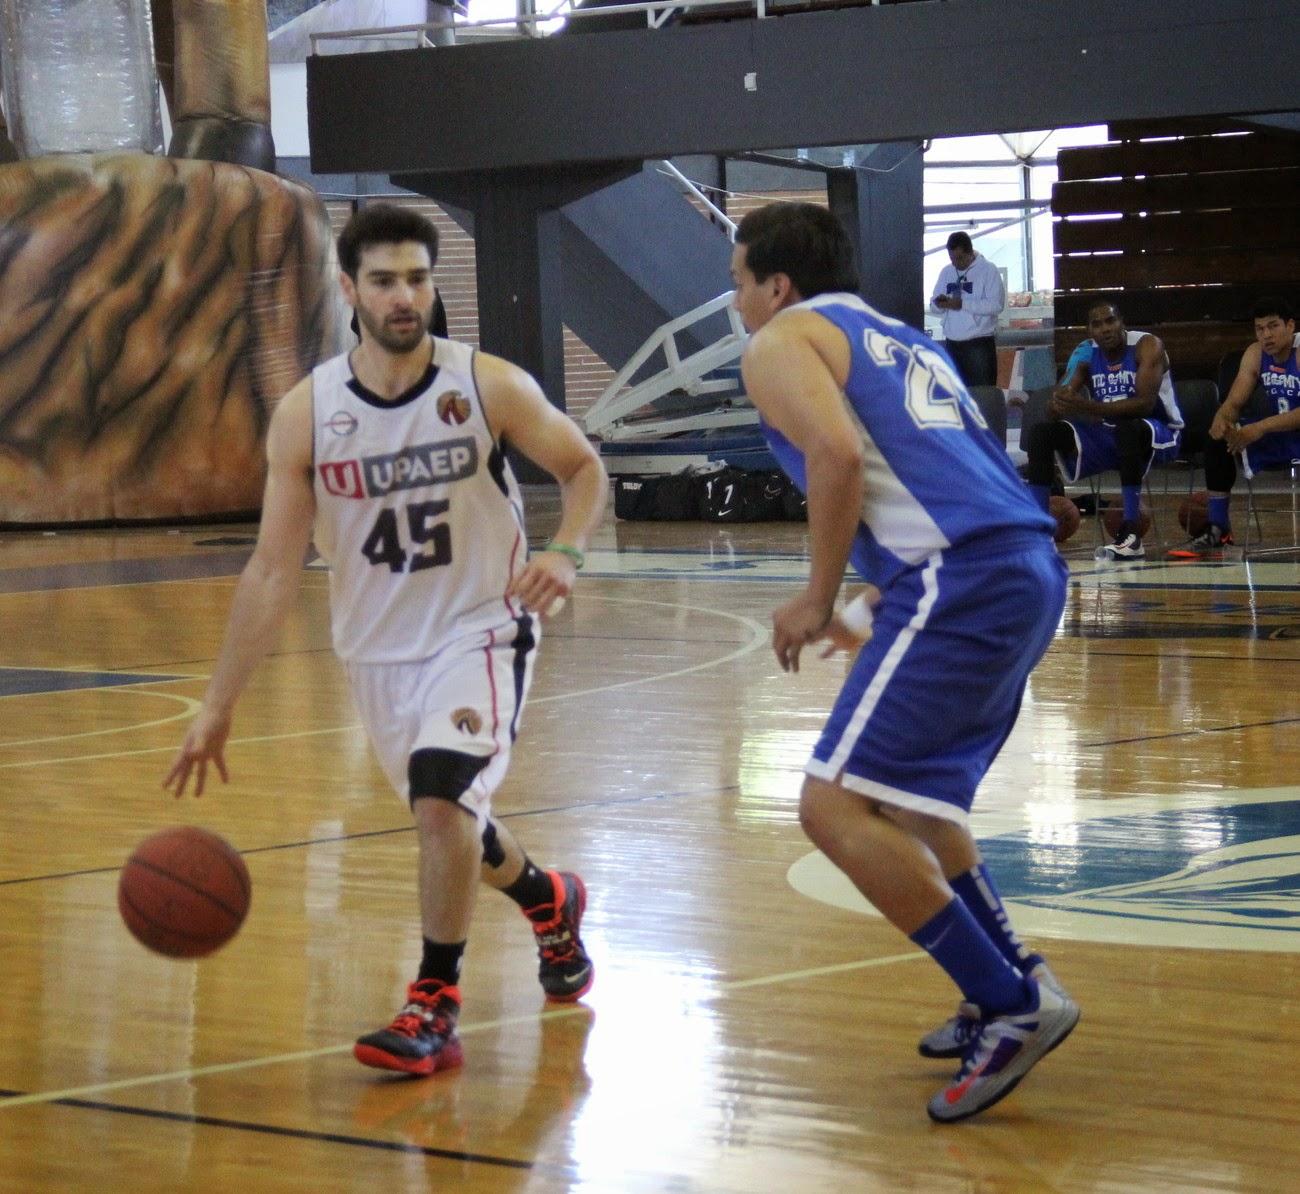 Ricardo Catalayud conduce el balón